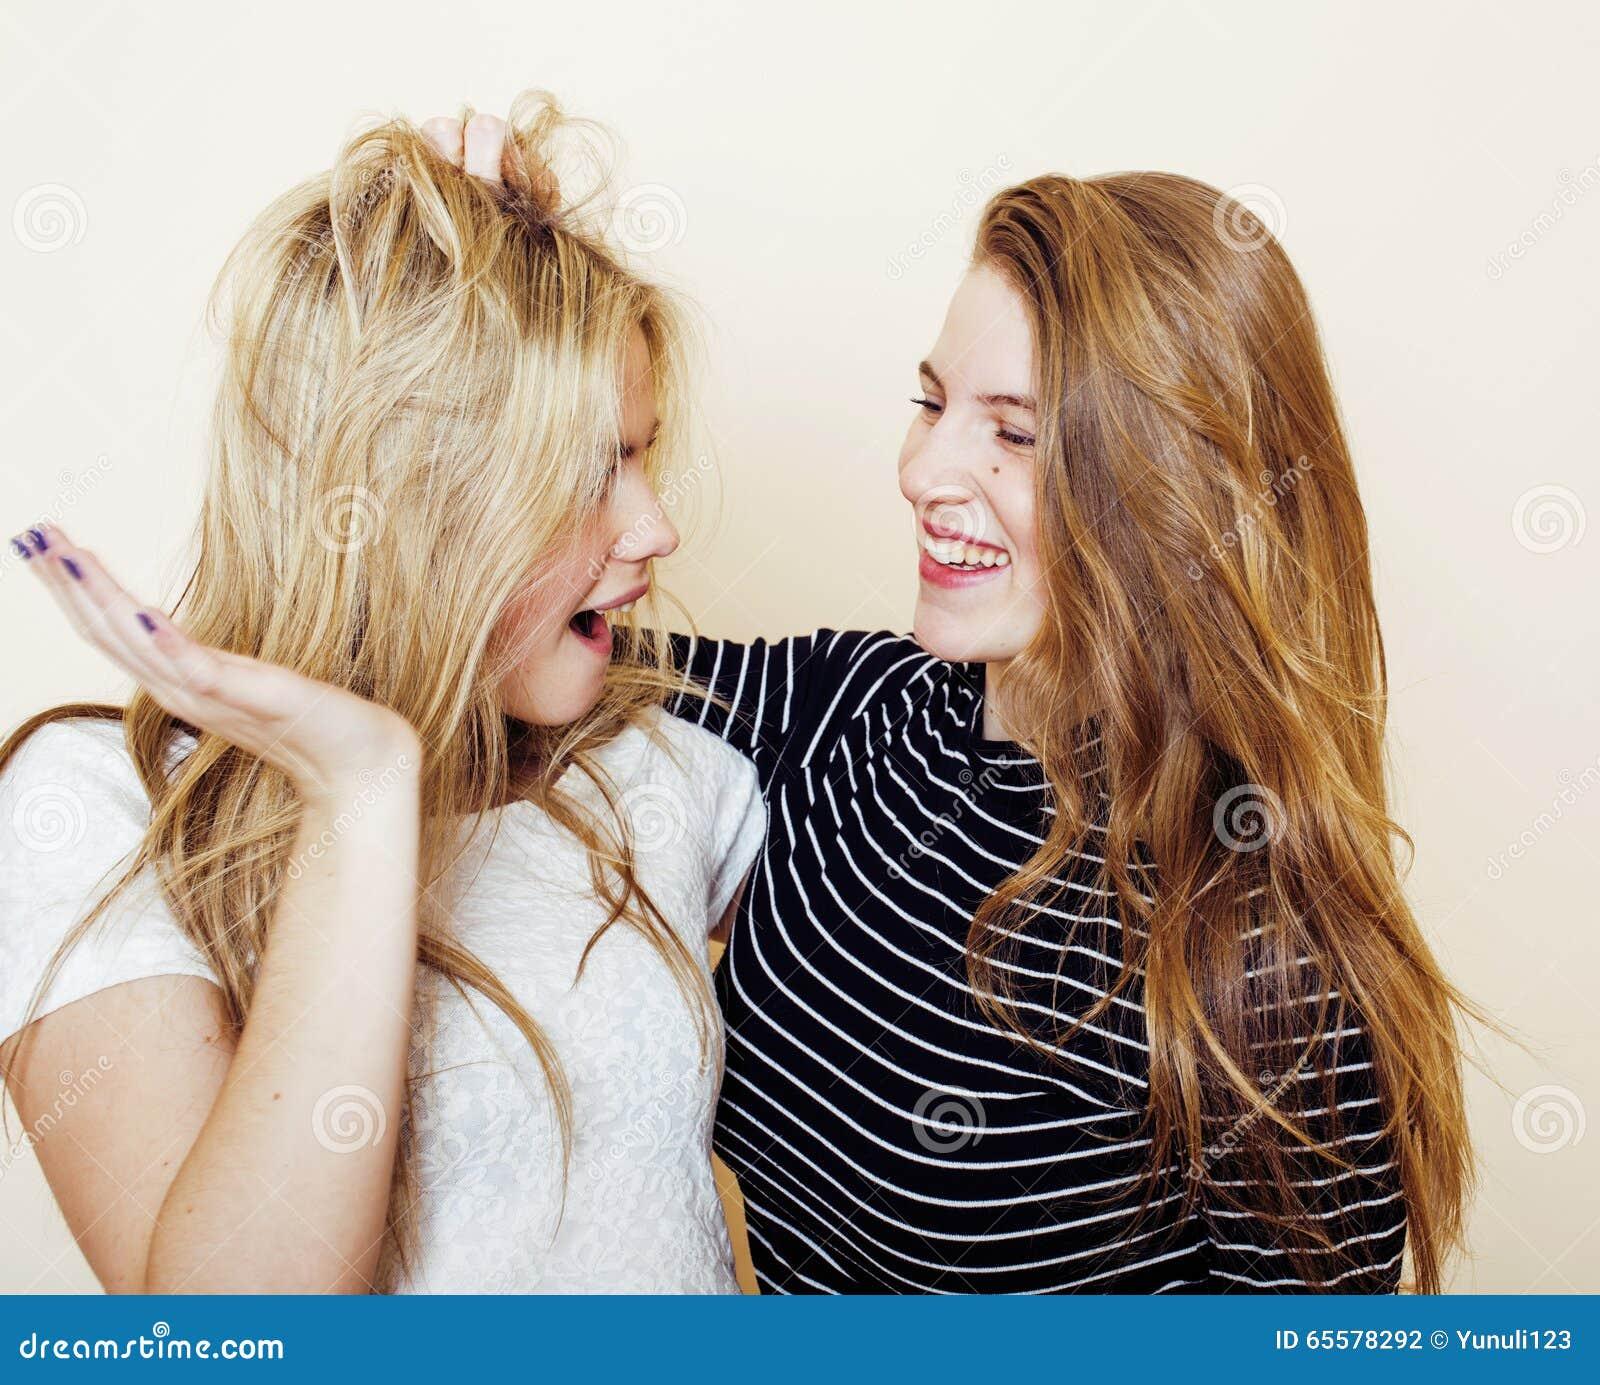 Estilo de vida e conceito dos povos: Forme um retrato de dois melhores amigos  sexy  à moda das meninas, sobre o fundo branco Tem